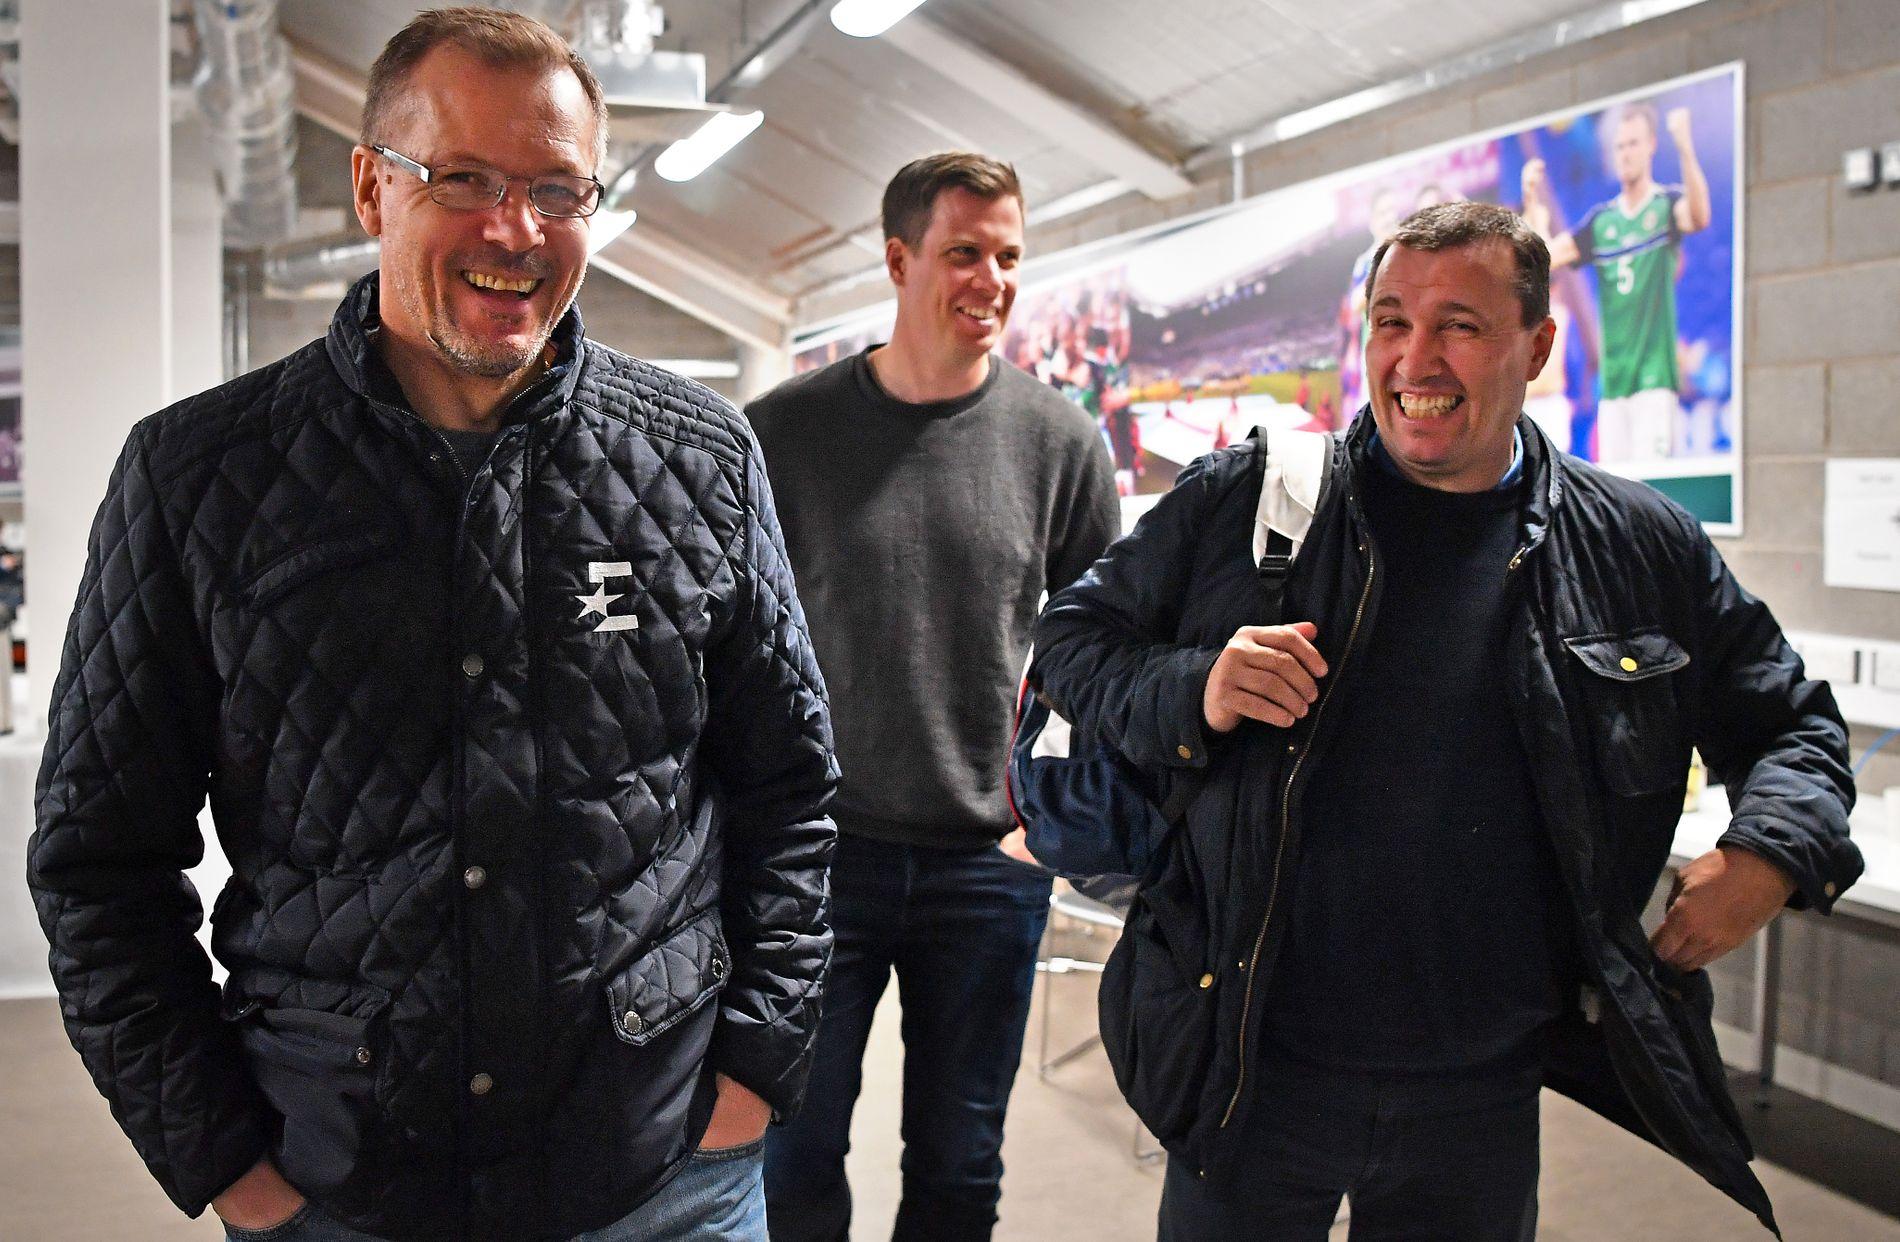 DEN NYE REKDAL: Kjetil Rekdal i front for ekspert-korpset på Windsor Park I Belfast. Den gamle VM-helten er i ny rolle som Eurosports fagperson. Han tror VM-deltagelse fortsatt er mulig mens både  Jesper Mathisen (TV 2) og Tom Nordlie (NRK) er mer i tvil.